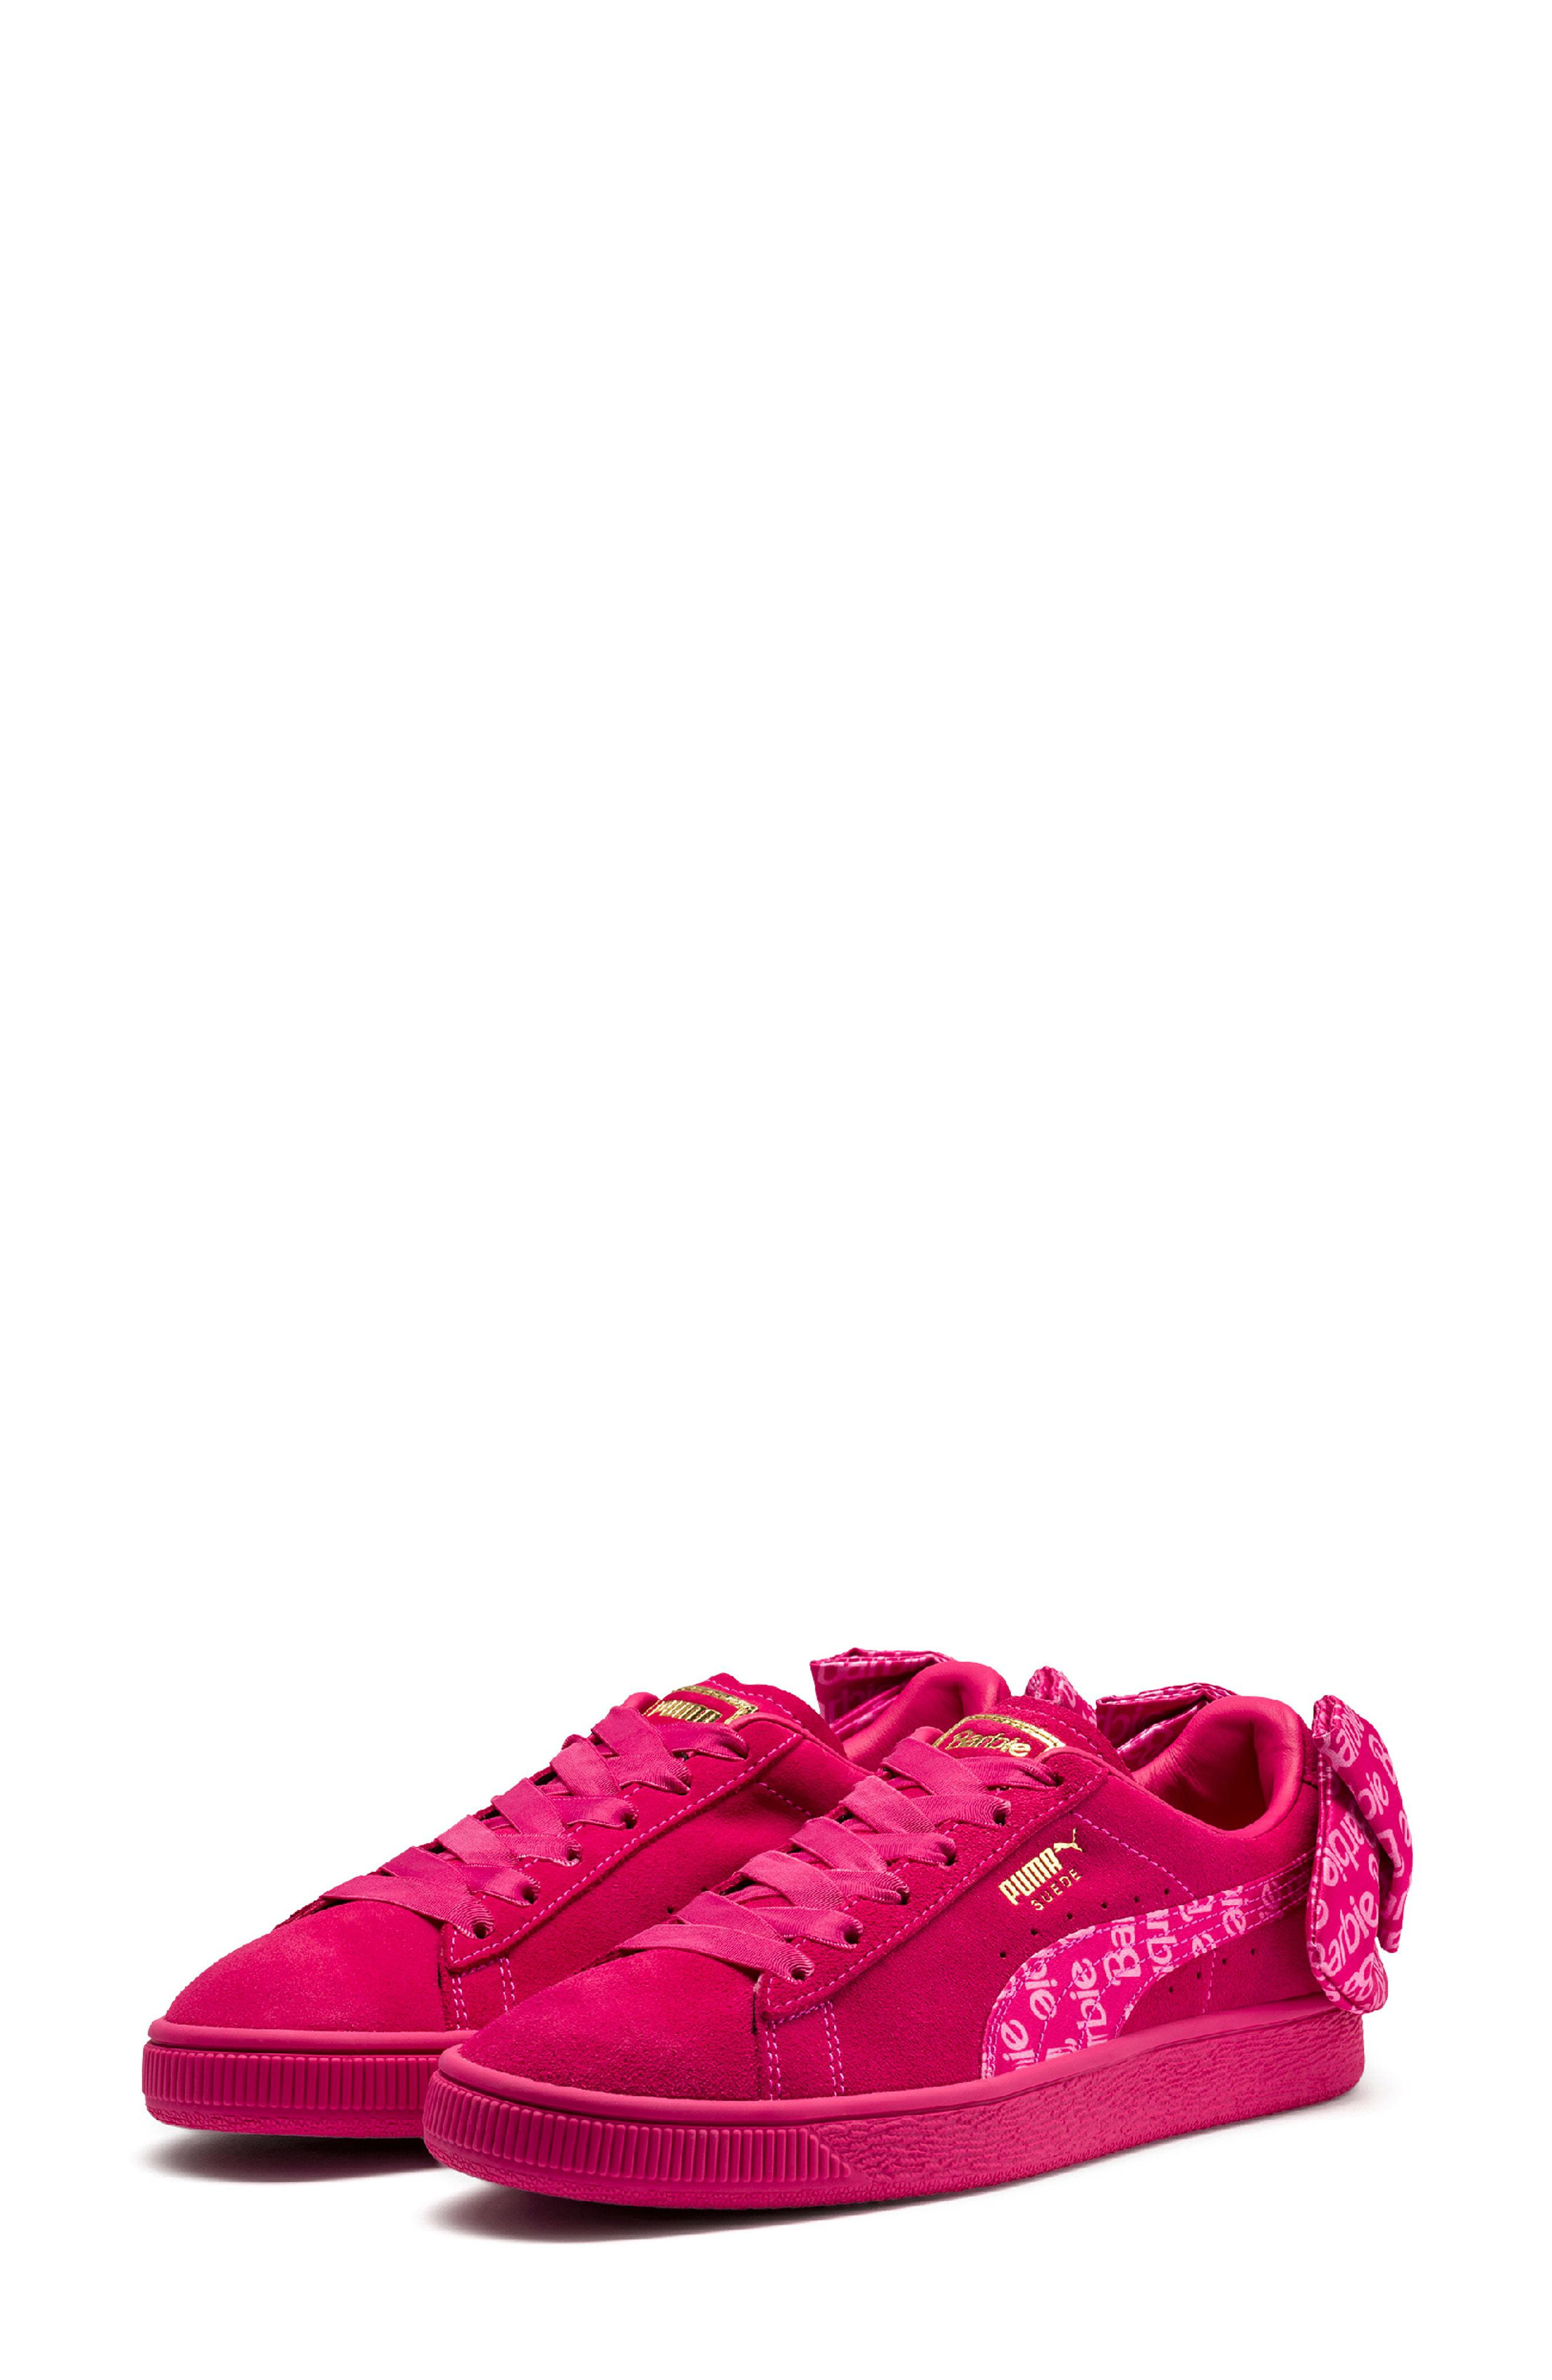 puma x barbie sneakers